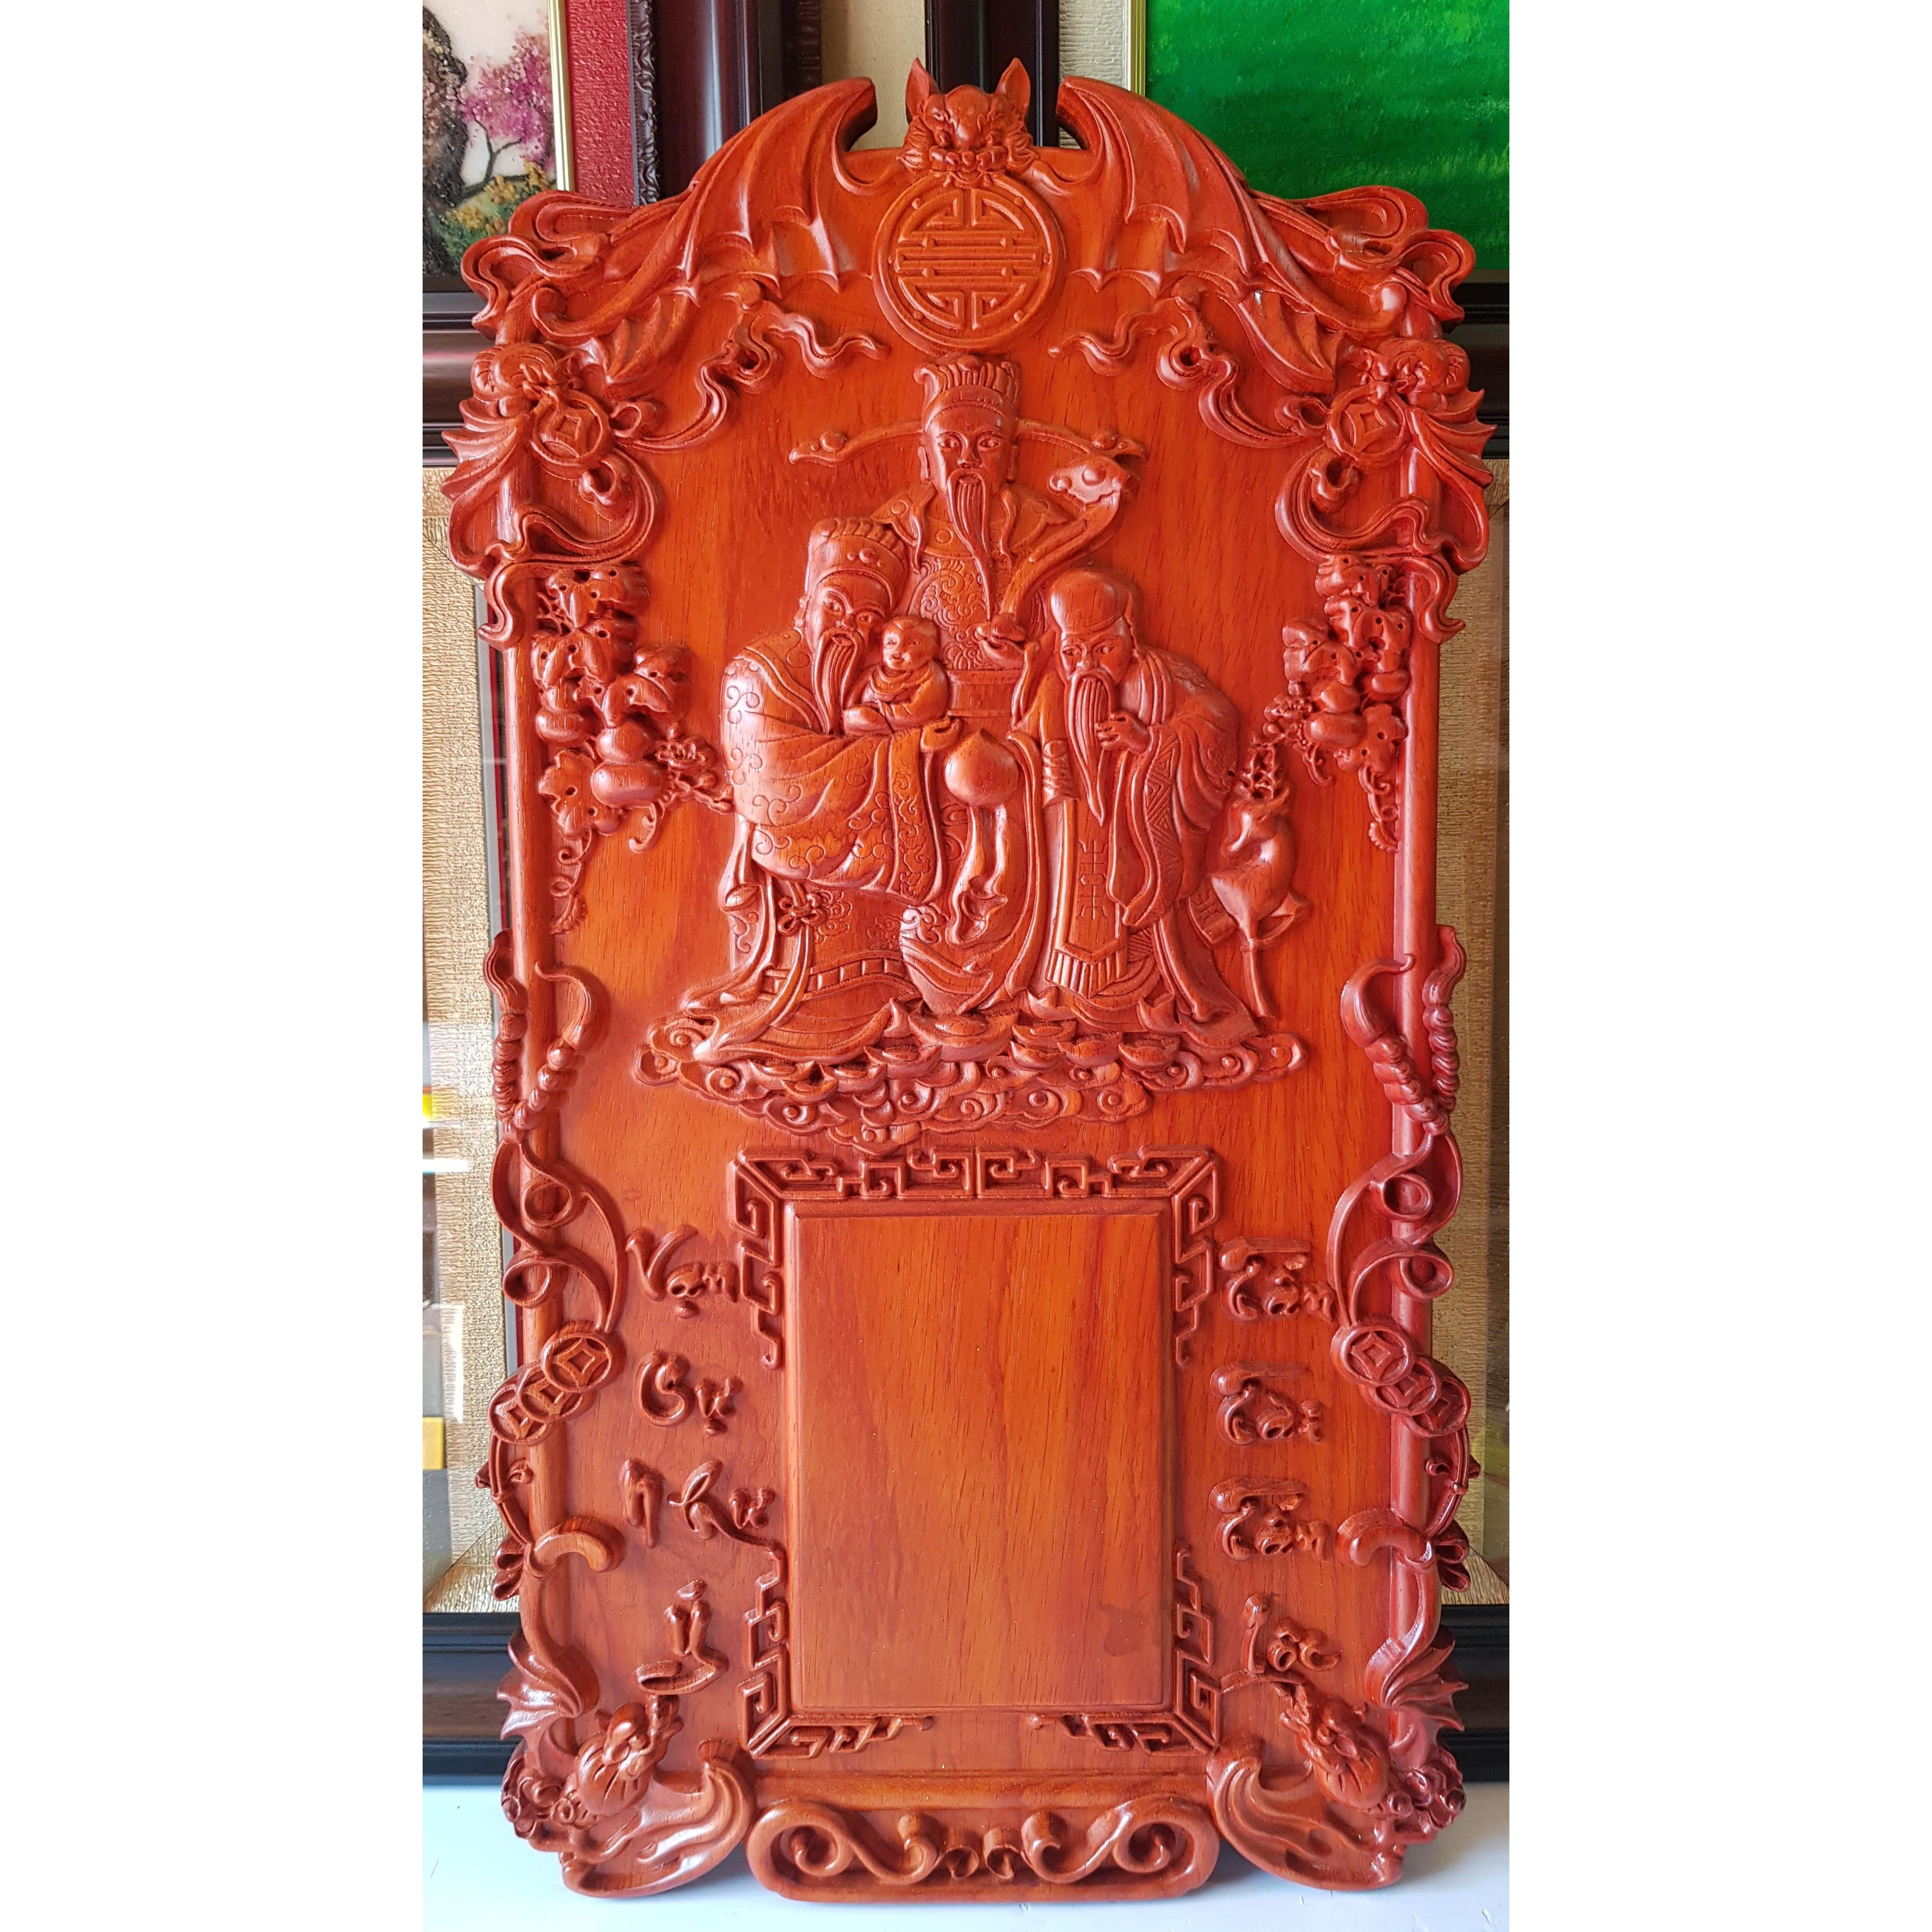 Tranh gỗ hương liền khối đục nổi nghệ thuật-Phúc Lộc Thọ-tg094